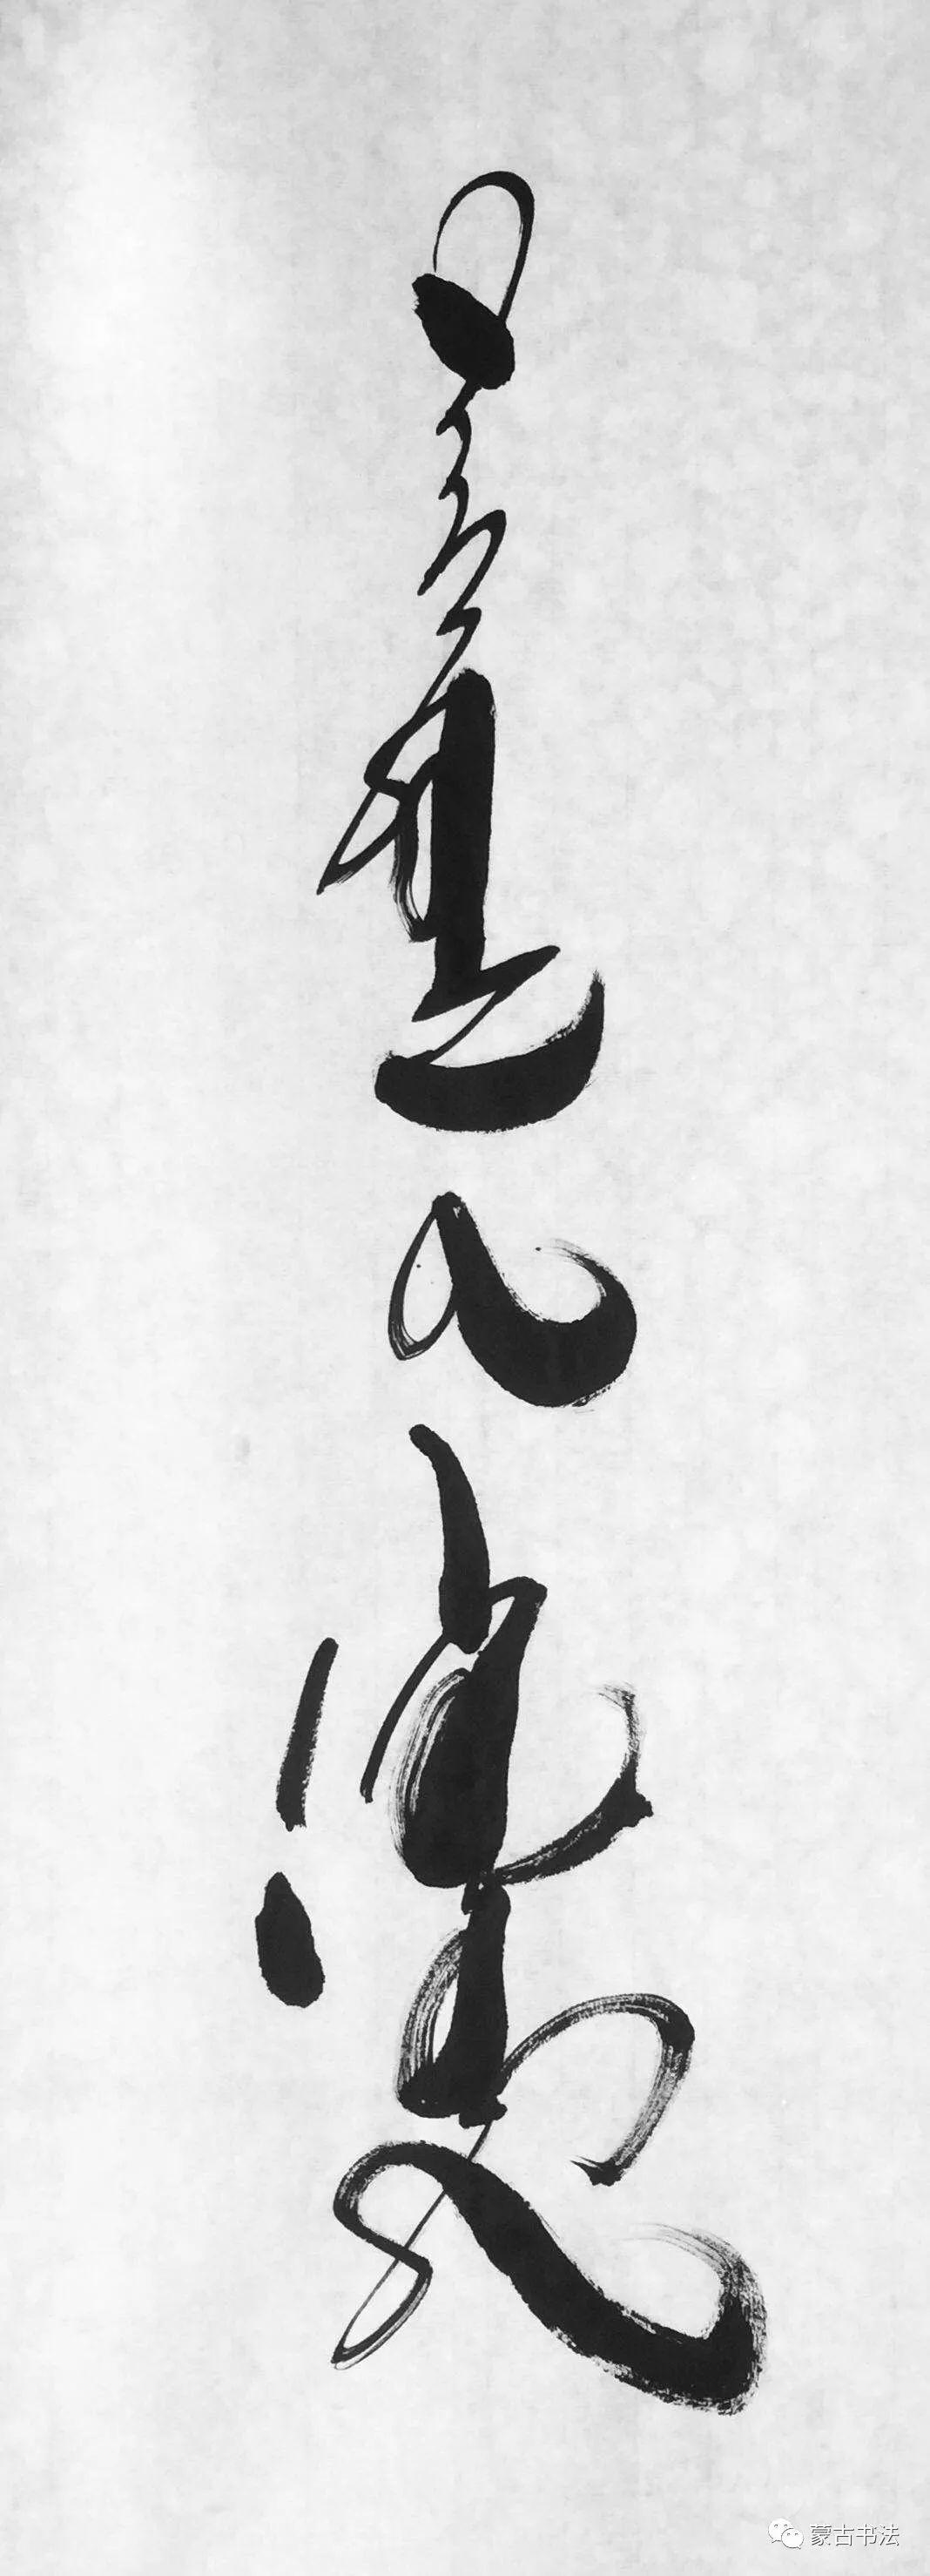 【福利】韩·巴塔尔老师书法作品~新年春联 第1张